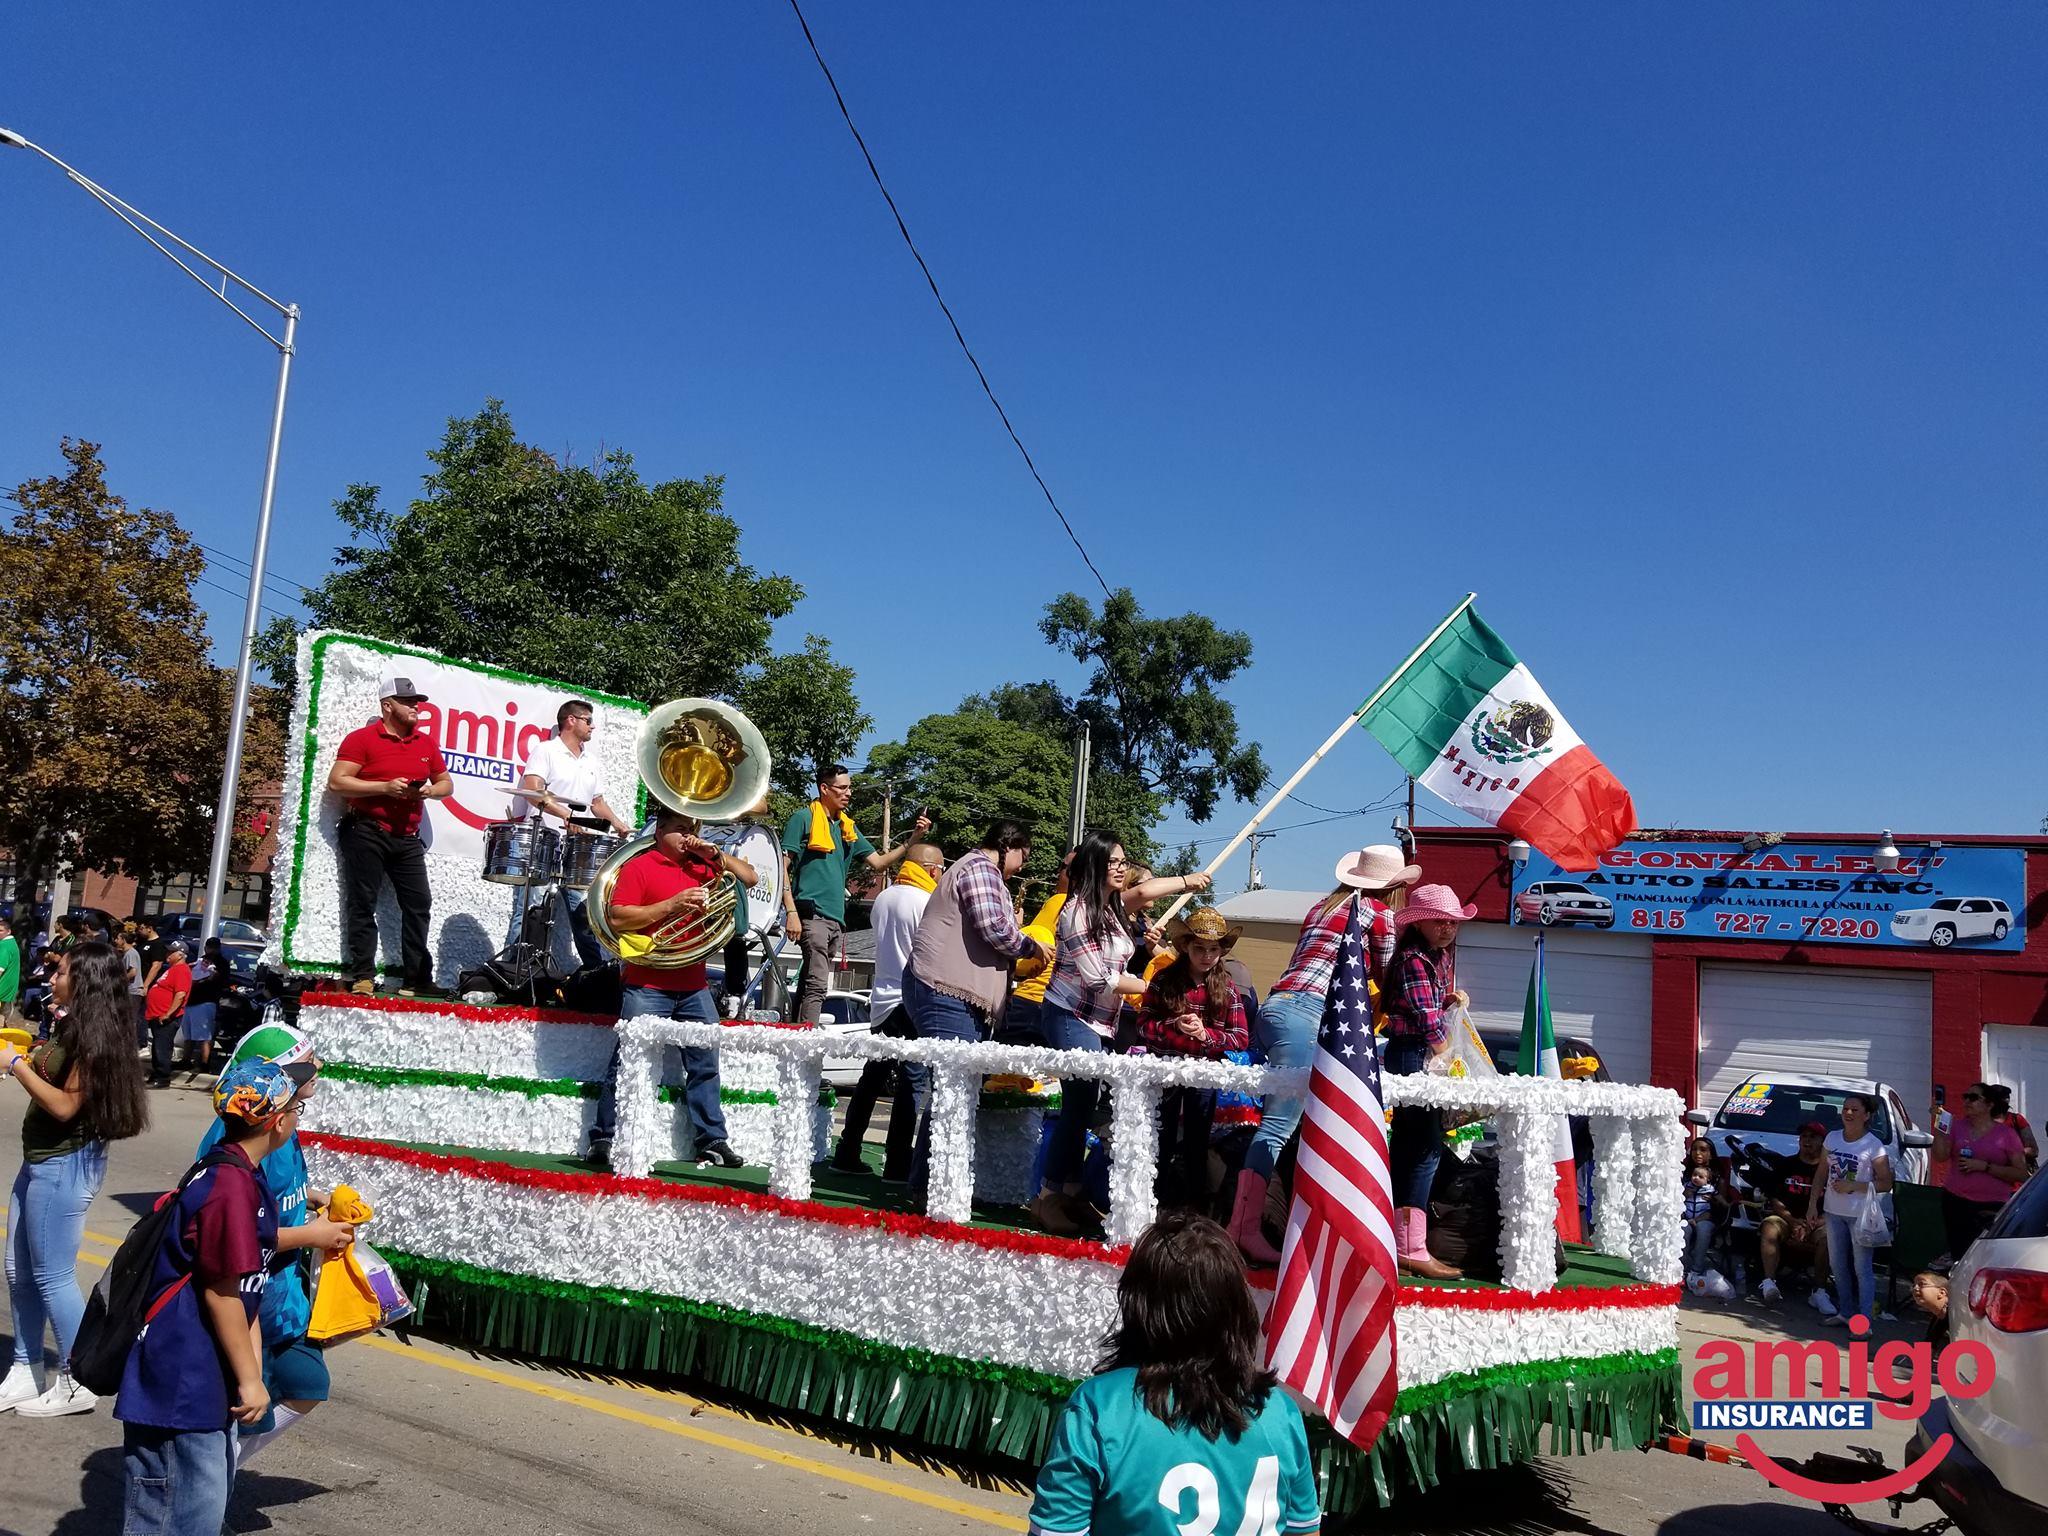 amigo float in parade